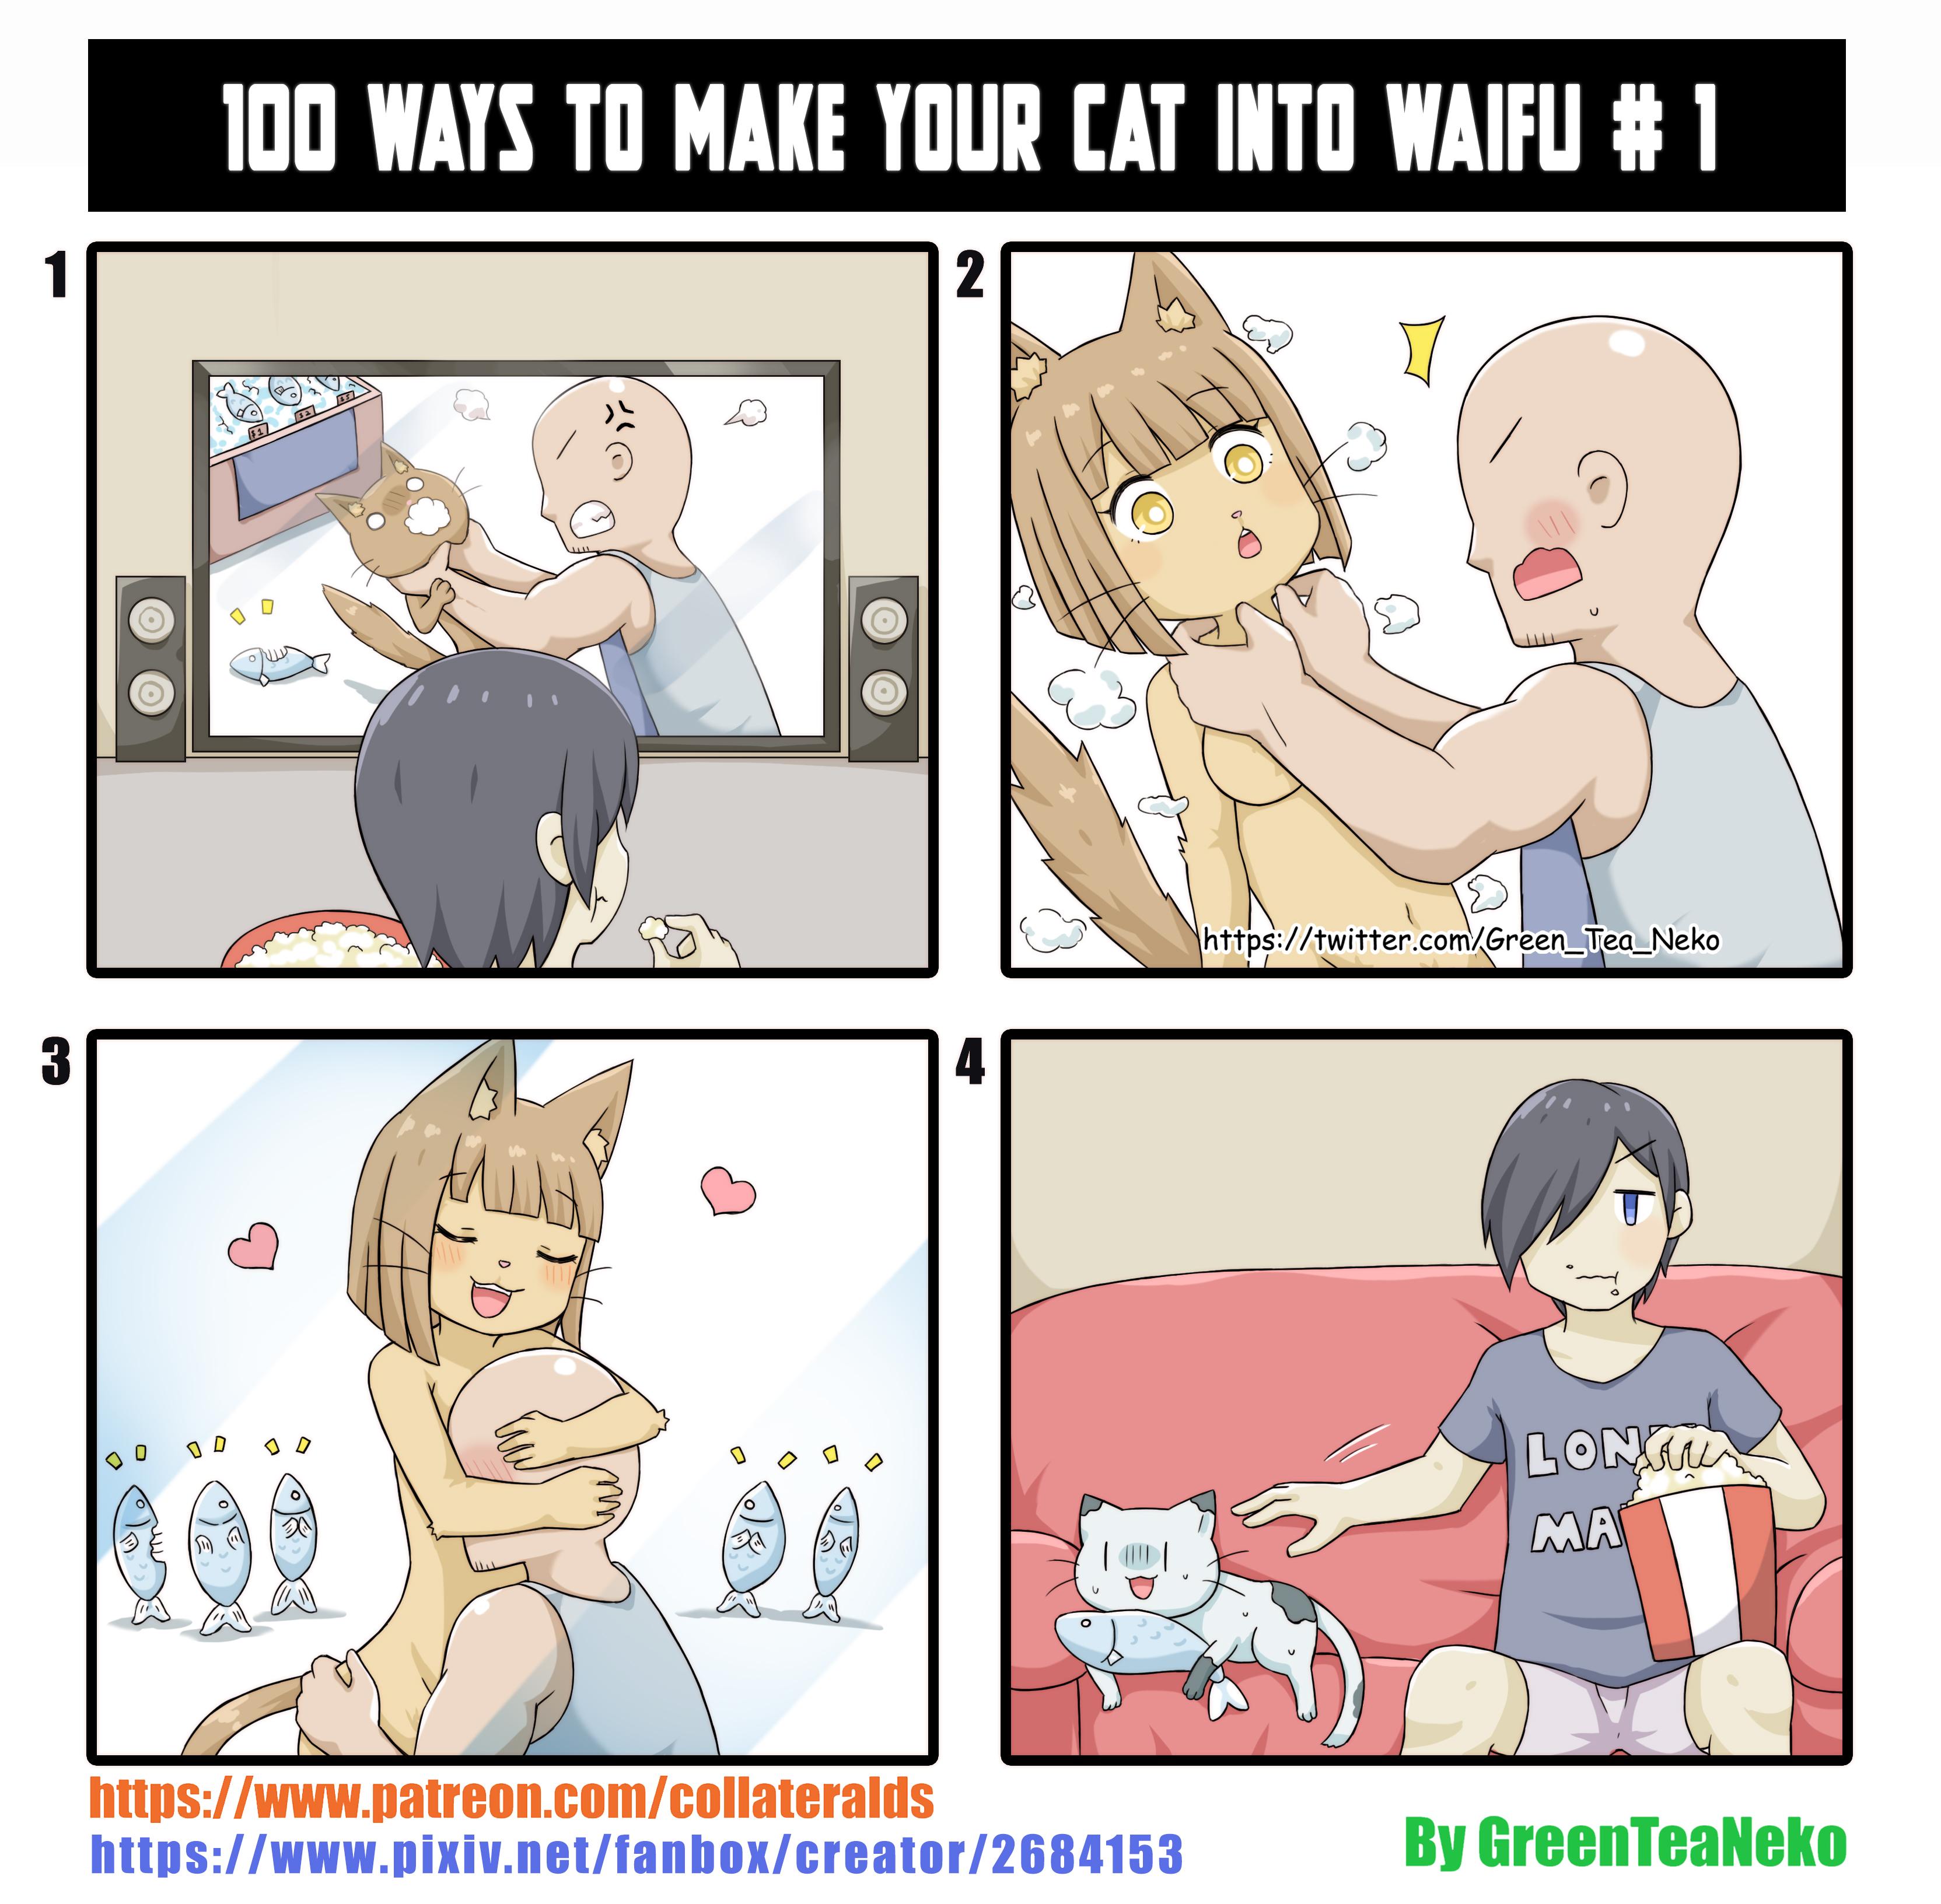 100 способов как превратить вашу кошку в вайфу. Способ 1